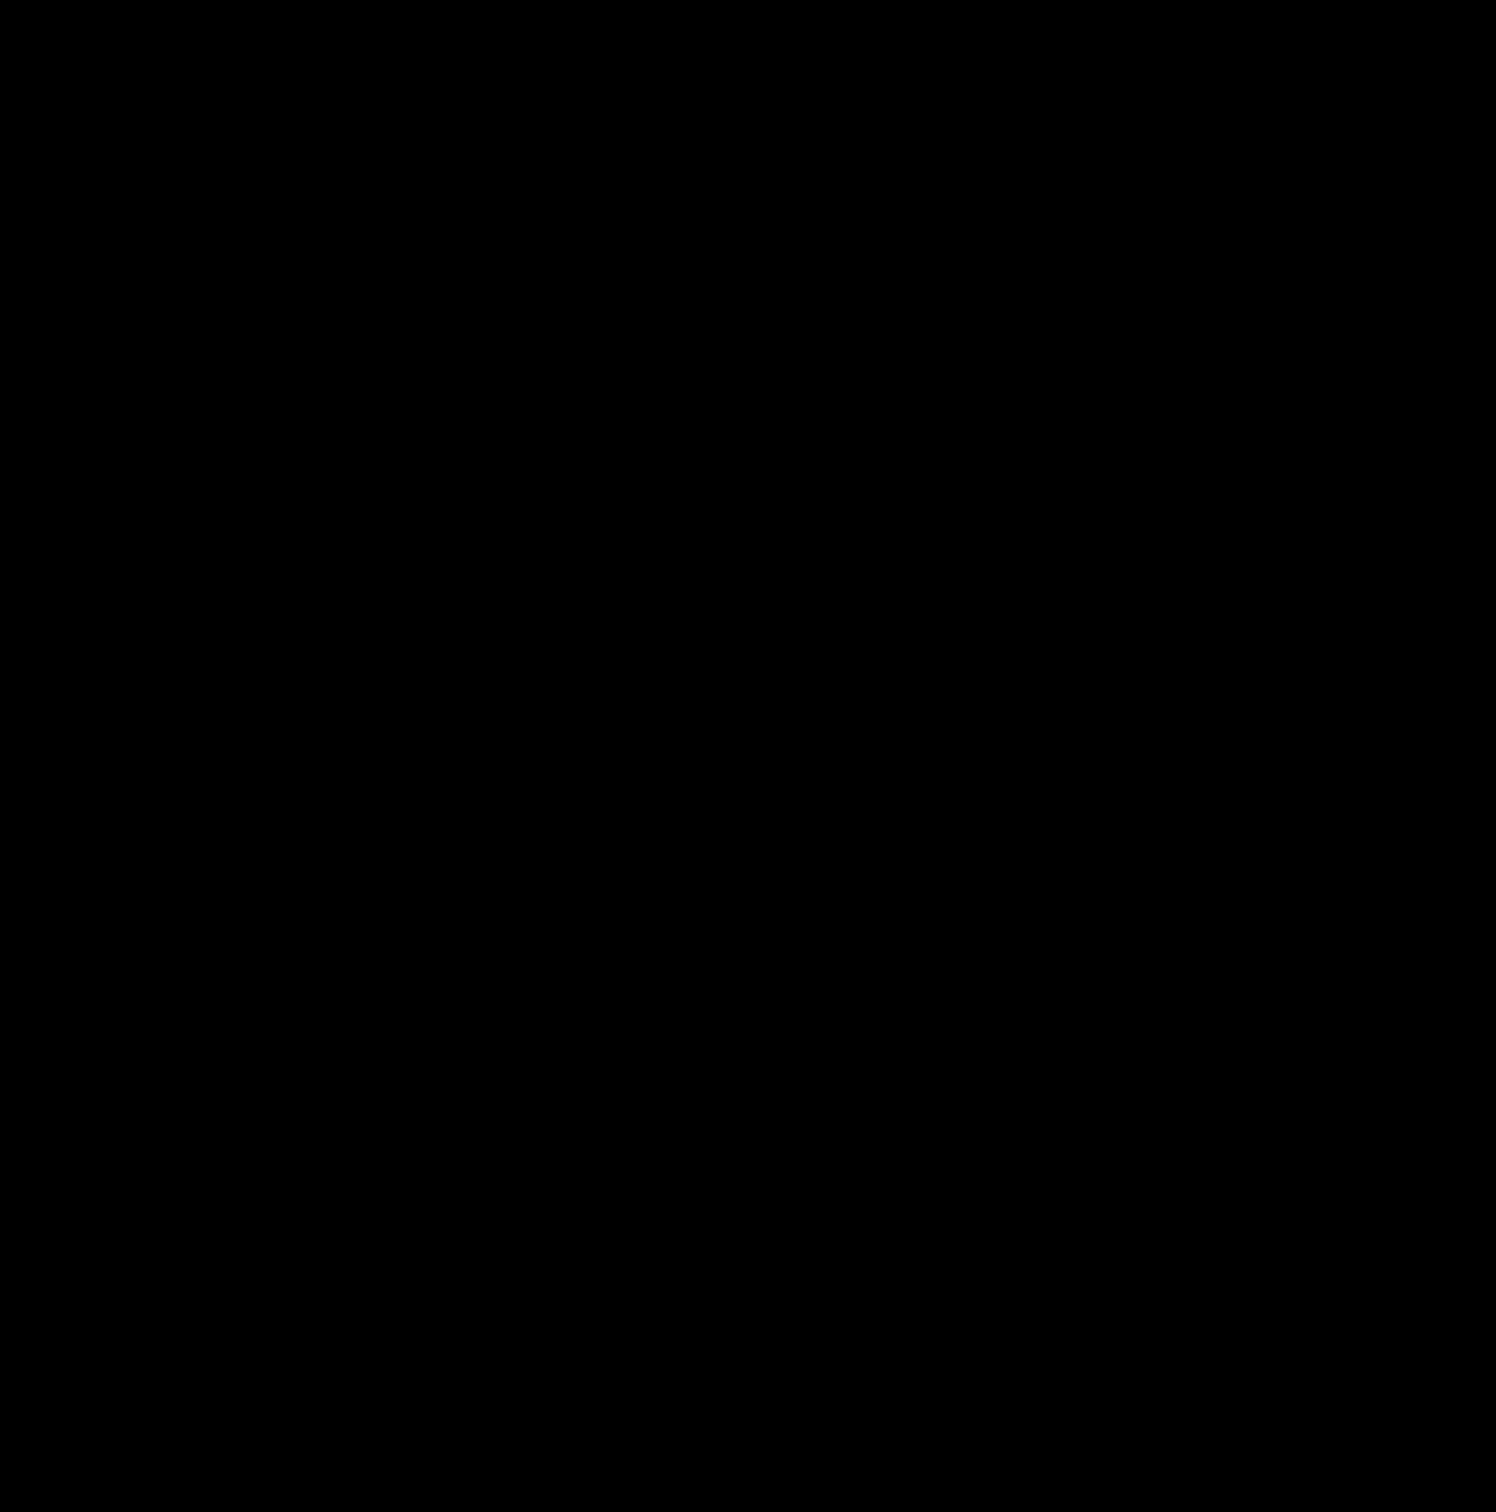 c b e. Clipart castle silhouette